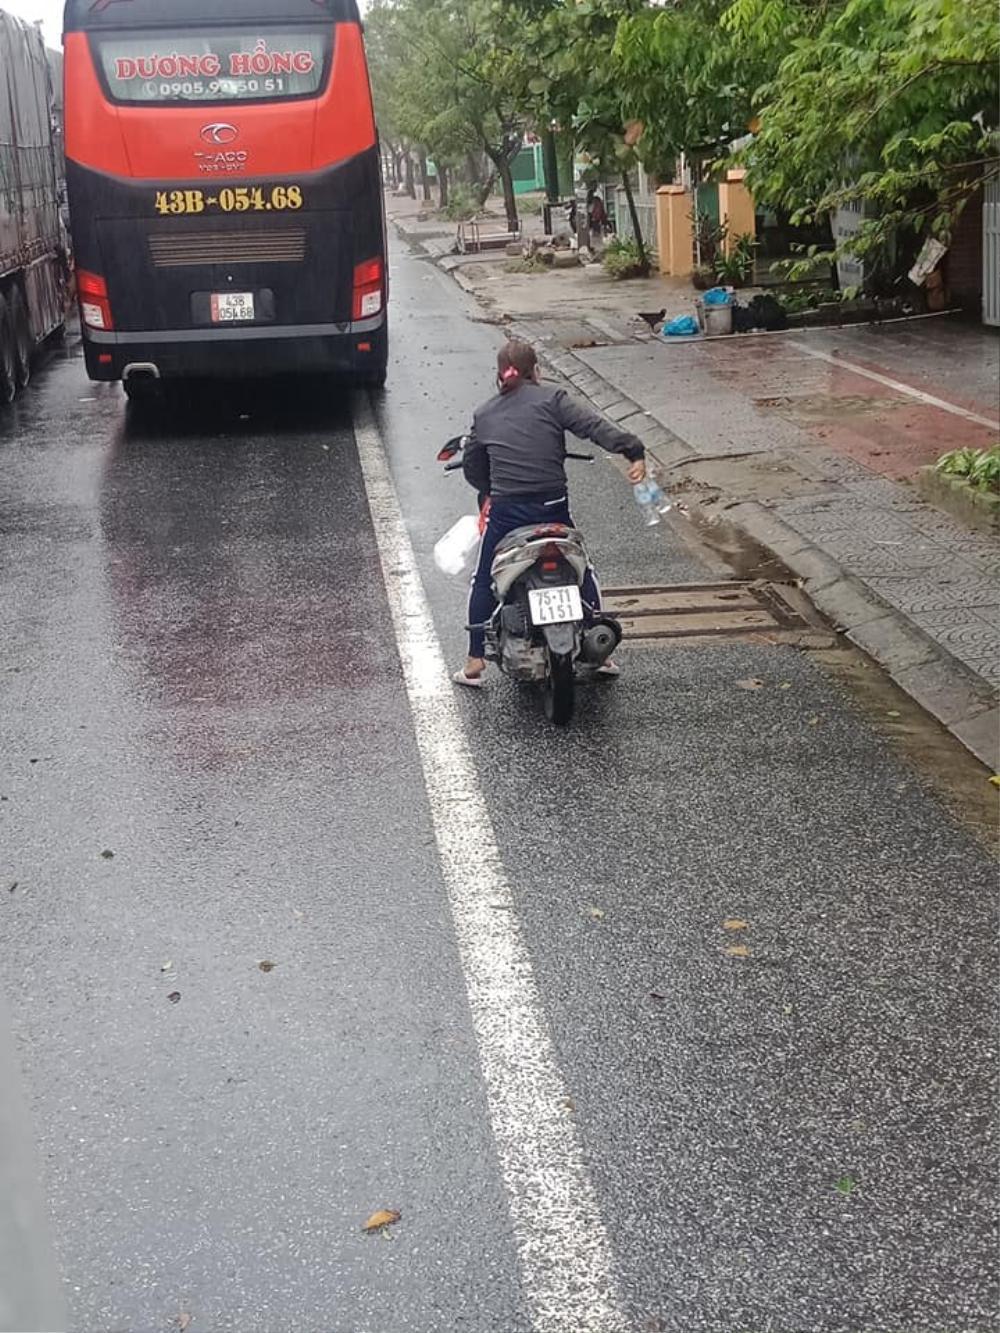 Ấm lòng chuyện người dân Huế gõ cửa từng xe trú bão để phát cơm miễn phí bấp chấp mưa gió Ảnh 2